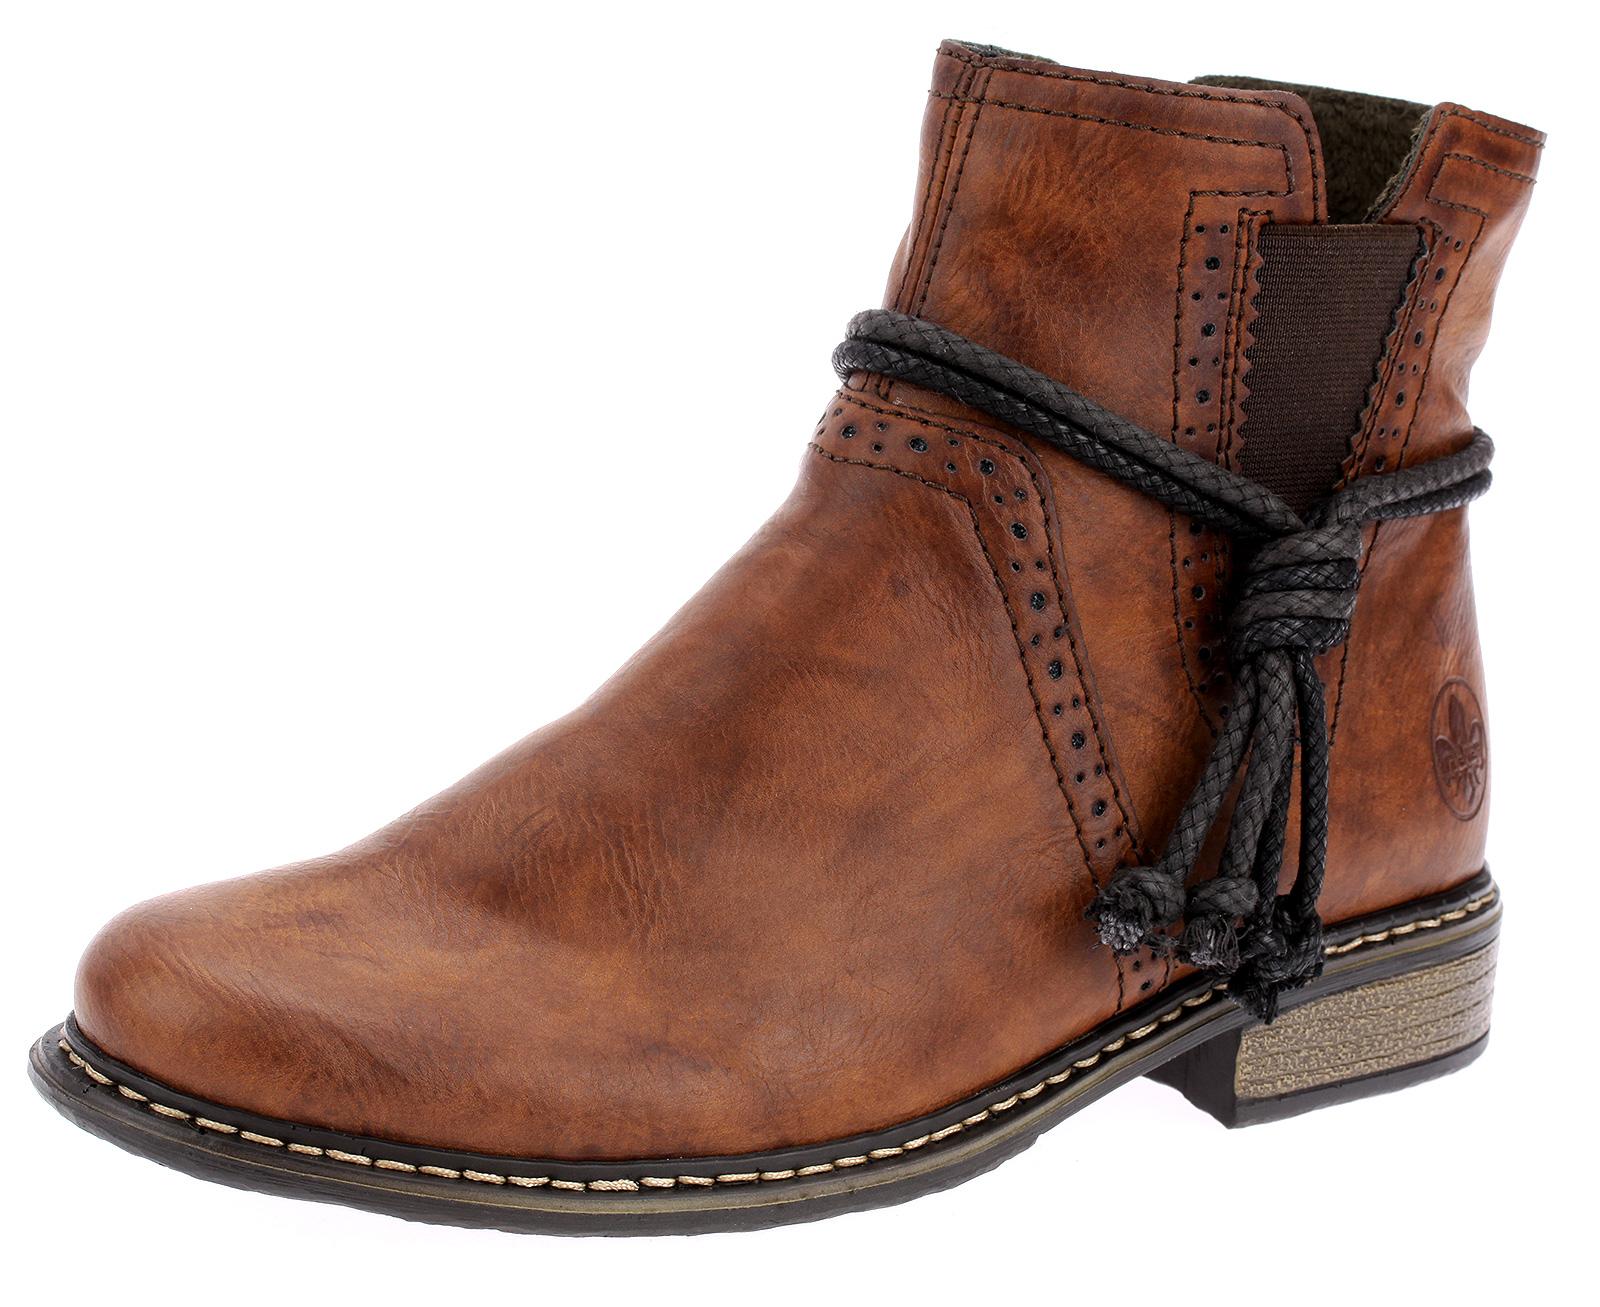 Rieker Damen Stiefeletten Boots Stiefel Chelsea Braun Booty 1g5dQ